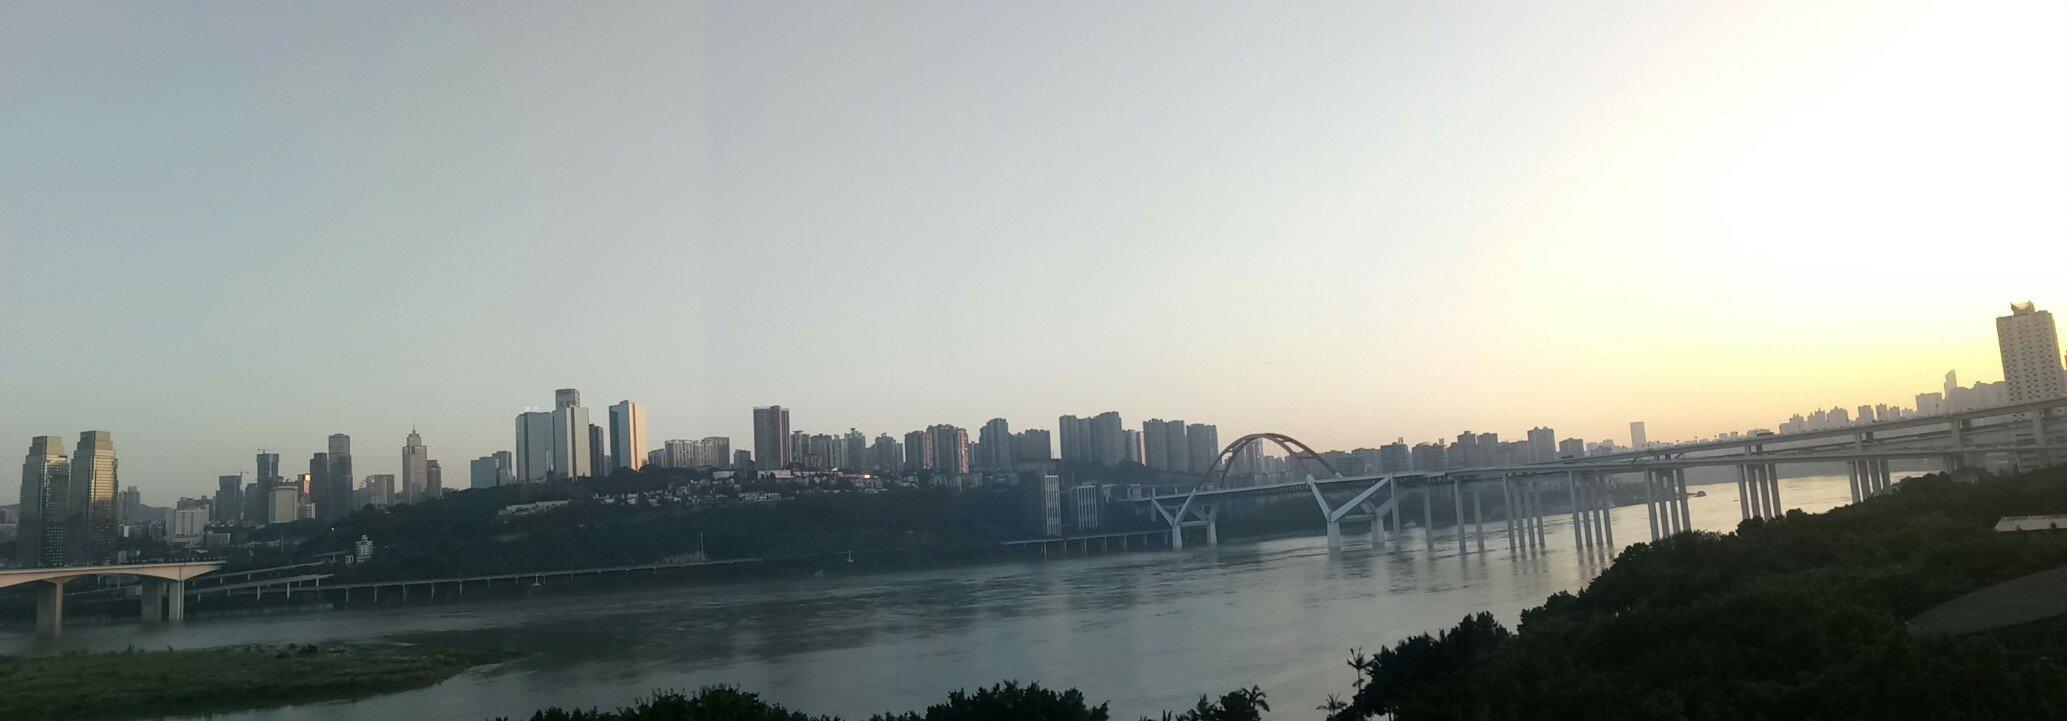 重庆市珊瑚公园!!!天气预报